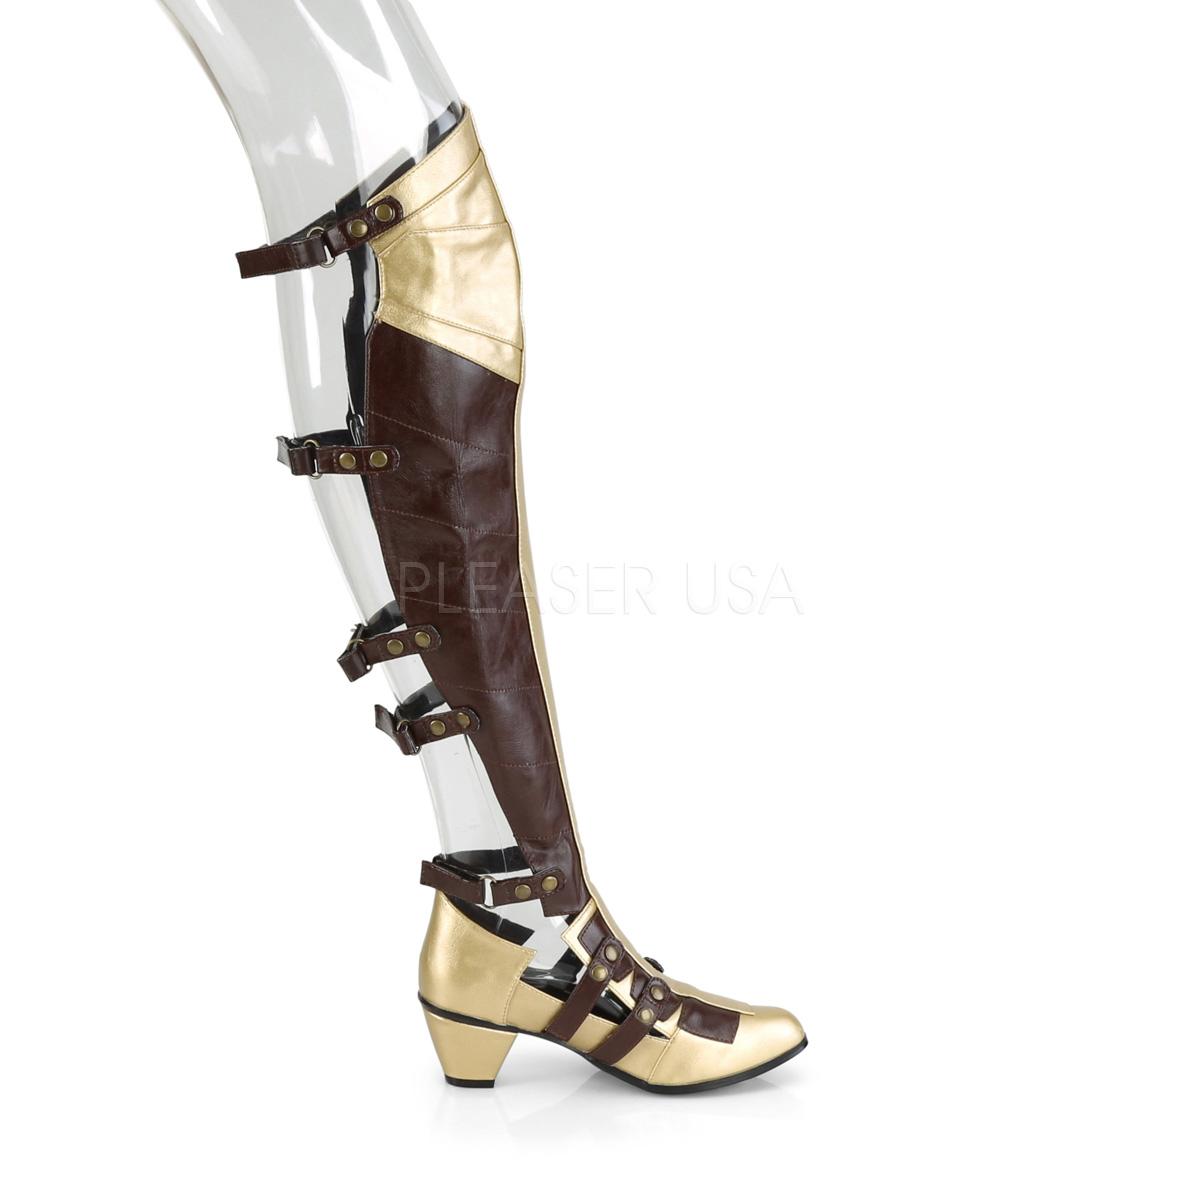 Funtasma(ファンタズマ) MAIDEN-8830 オープンバックオーバーニーブーツ ブロックヒール ブラウン/ゴールド ハロウィン コスプレ 衣装◆取り寄せ